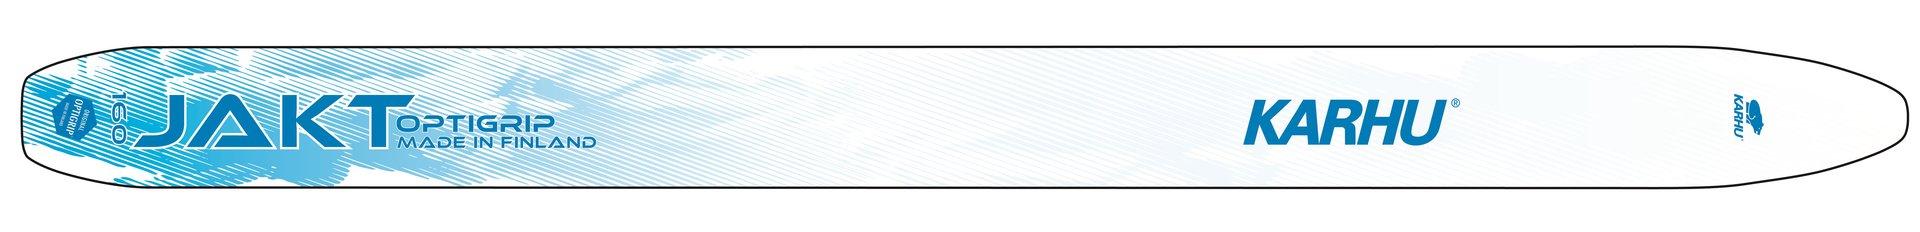 Karhu Jakt Optigrip metsäsukset, 160 cm, leveä